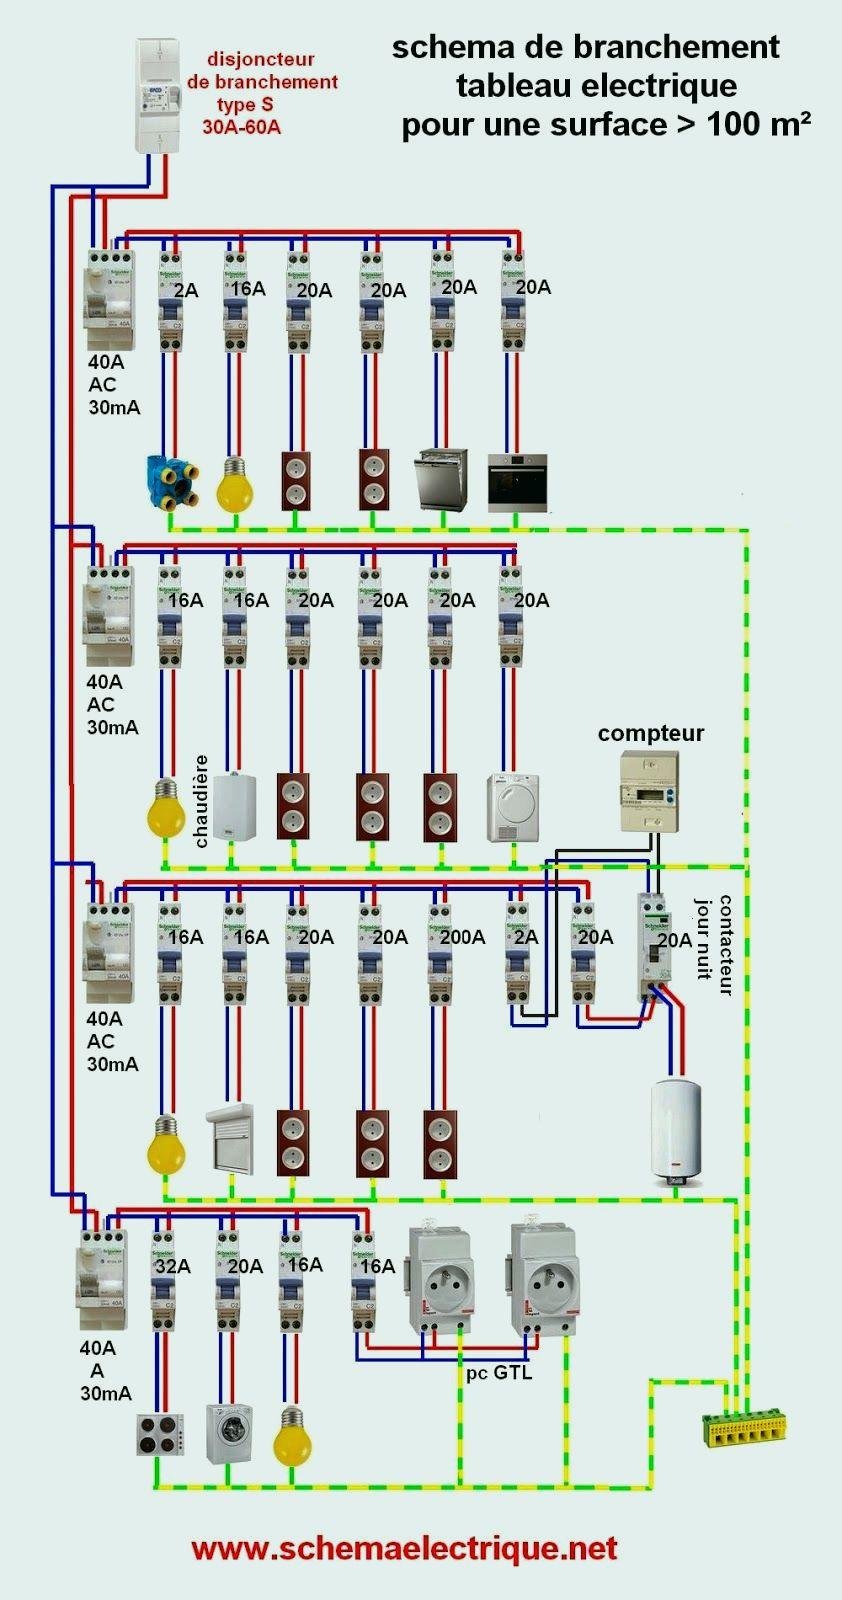 Norme d'installation tableau electrique